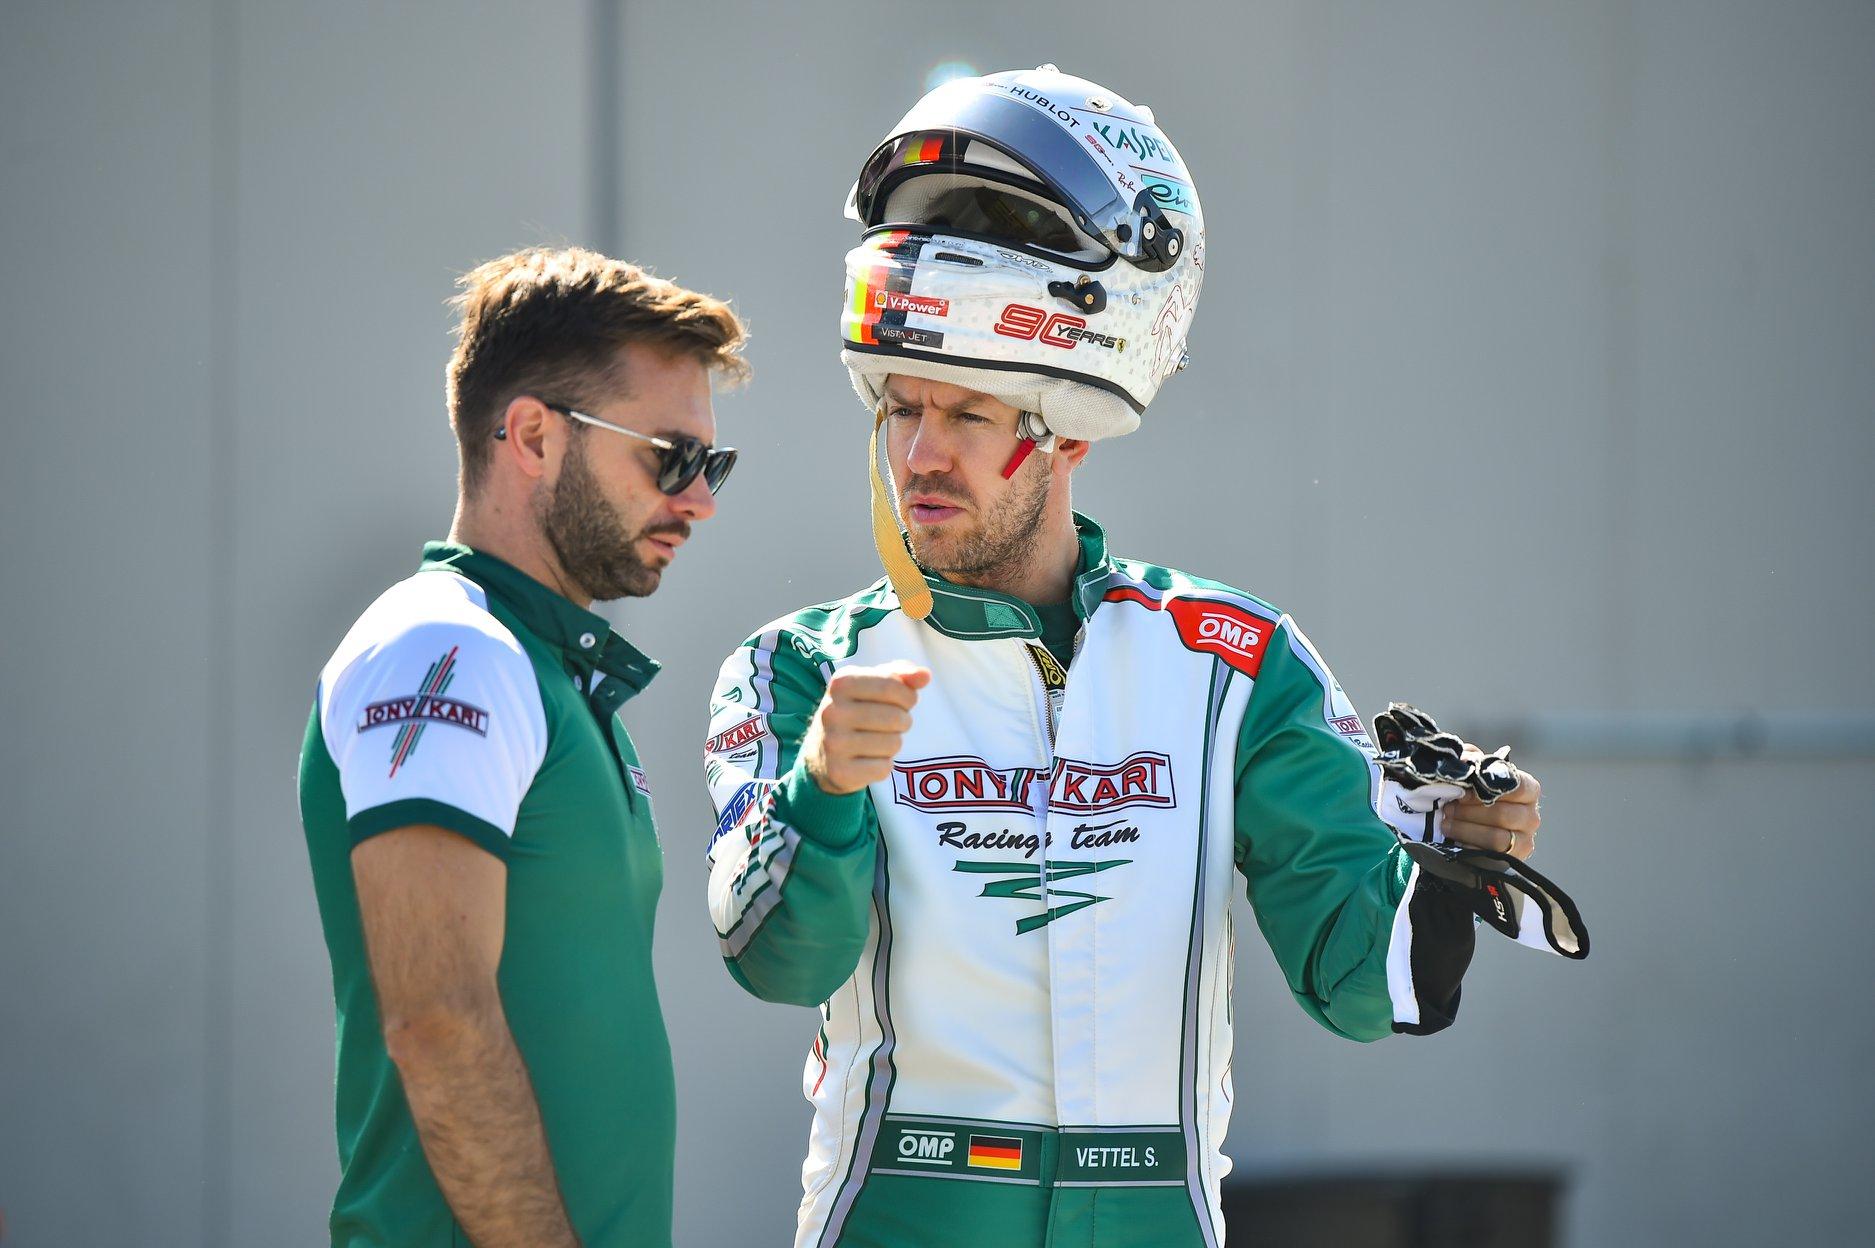 Sebastian_Vettel_testing_Tony_Kart_0009